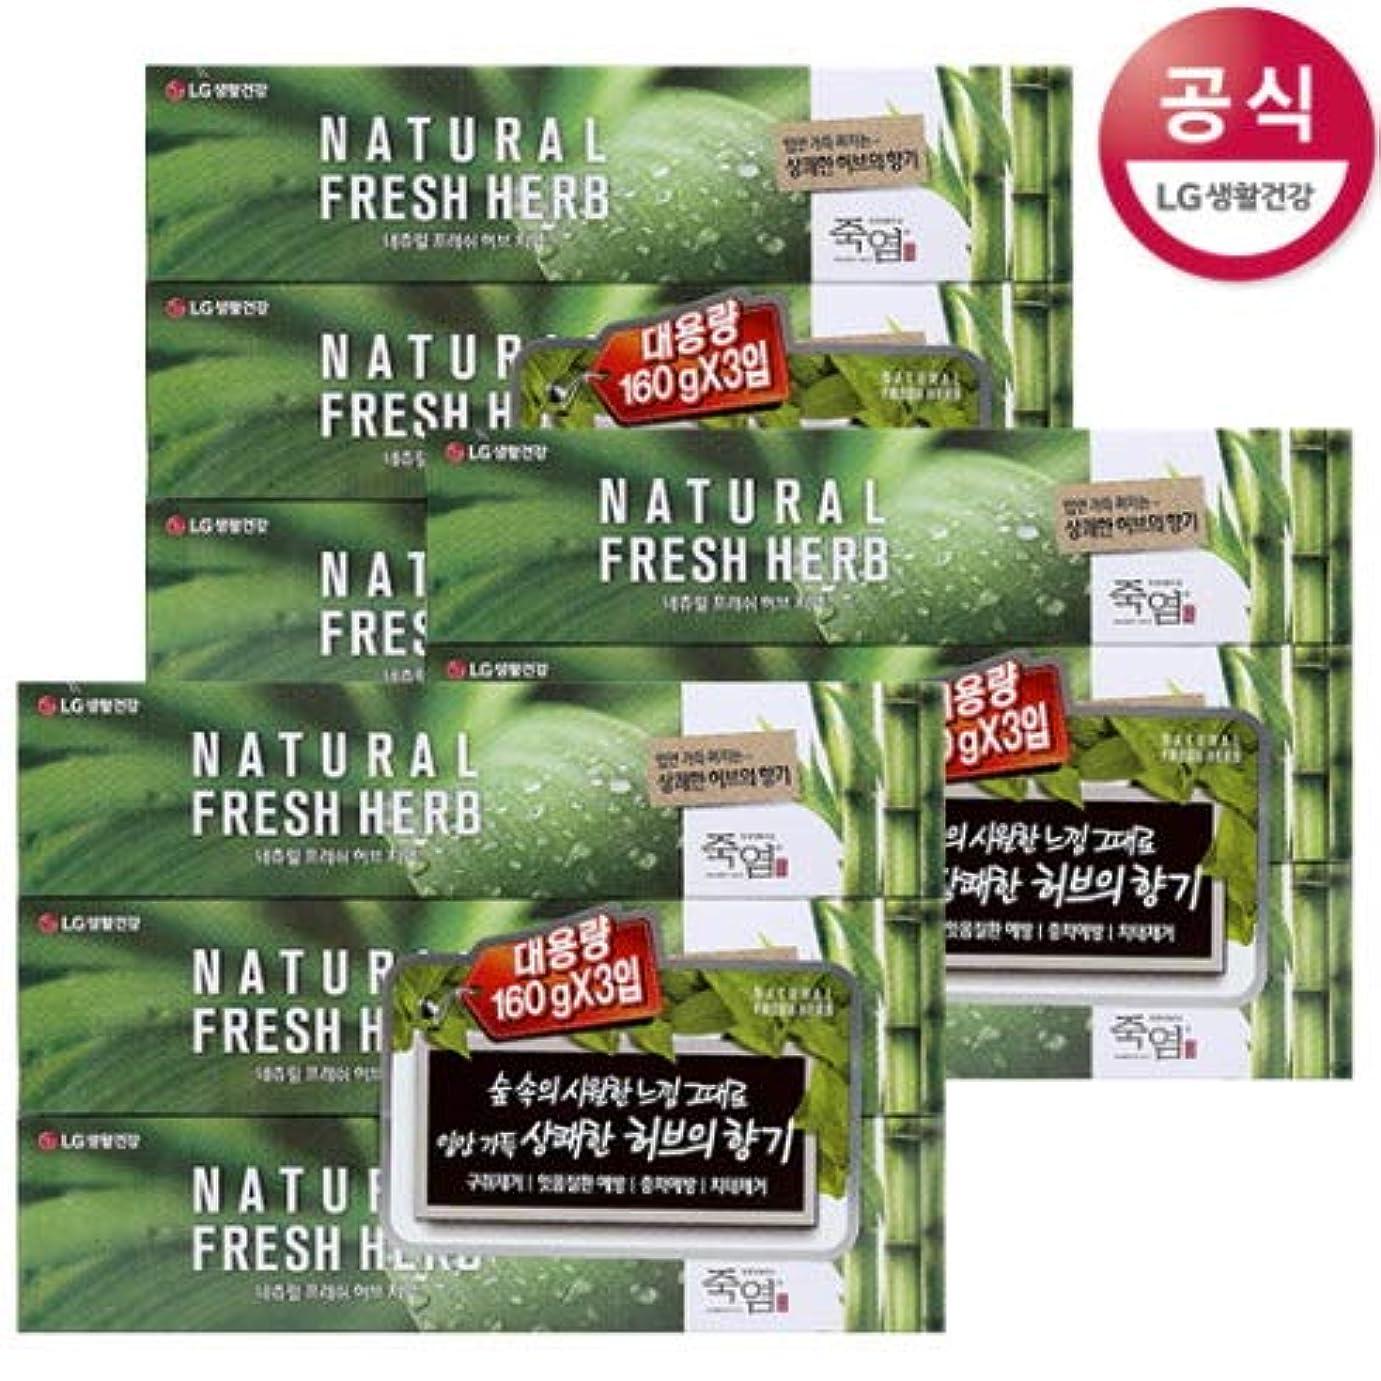 弁護乞食協力[LG HnB] Bamboo Salt Natural Fresh Herbal Toothpaste/竹塩ナチュラルフレッシュハーブ歯磨き粉 160gx9個(海外直送品)